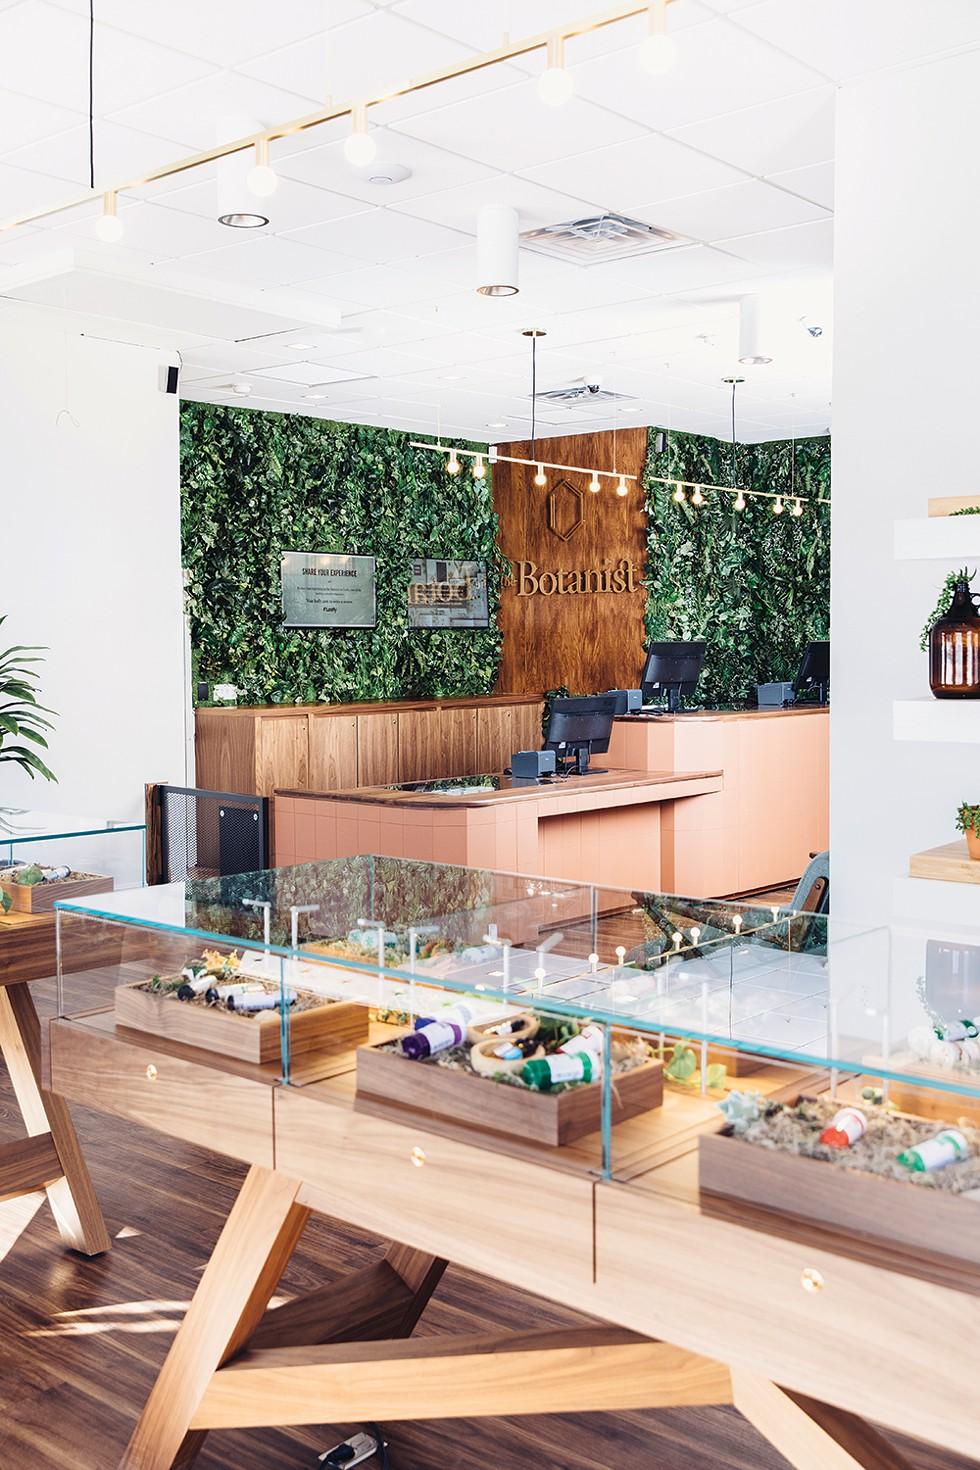 The Botanist, Acreage Holdings' Middletown dispensary.